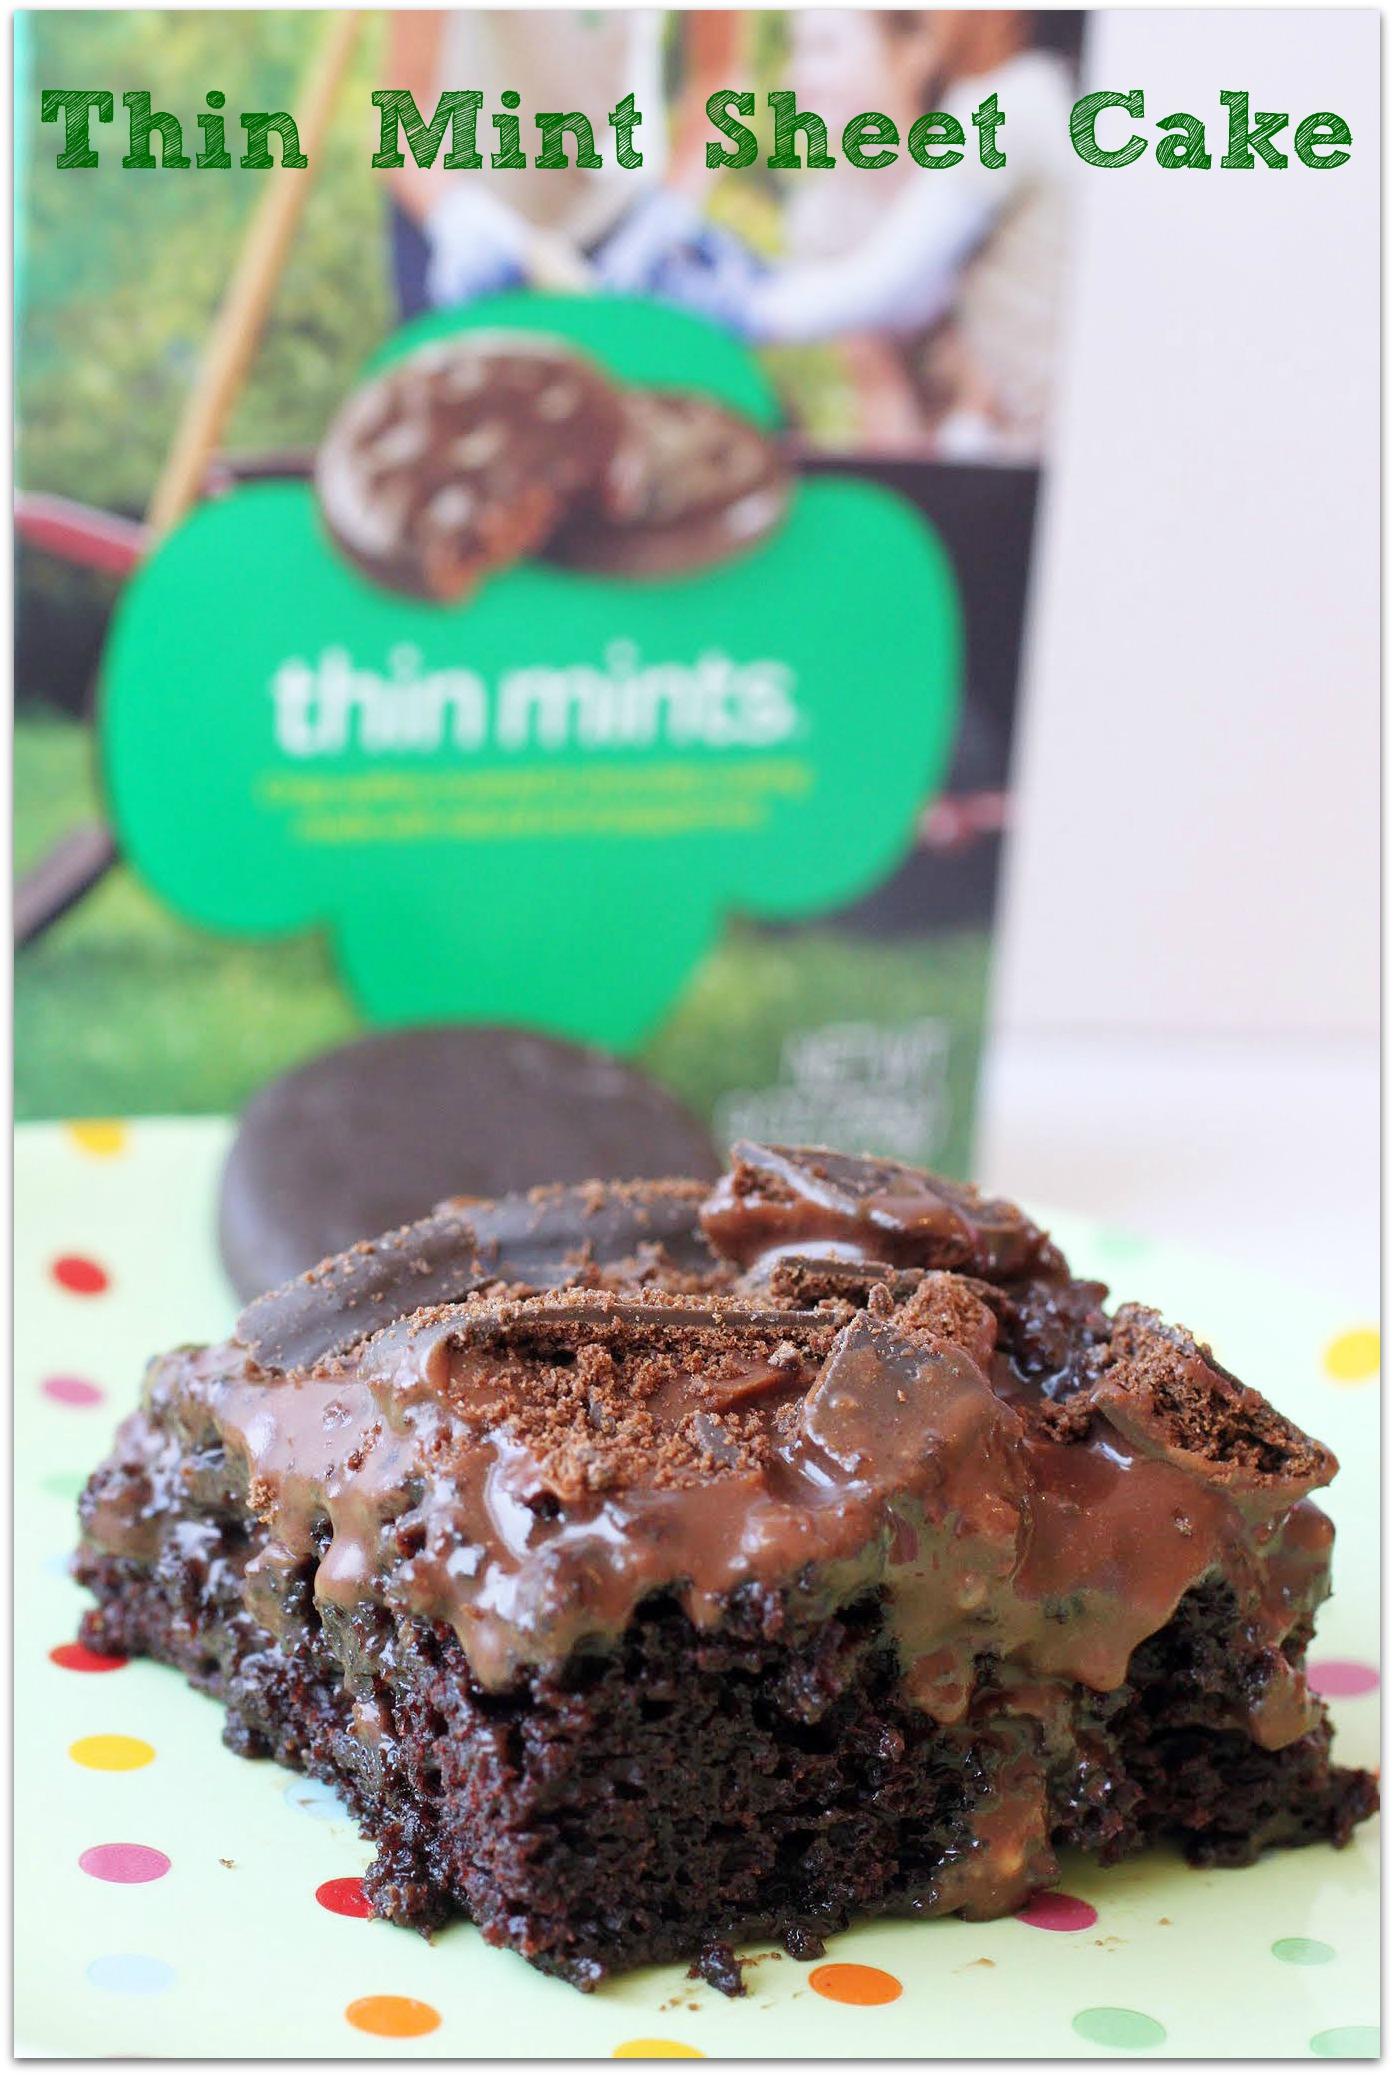 Thin Mint Sheet Cake